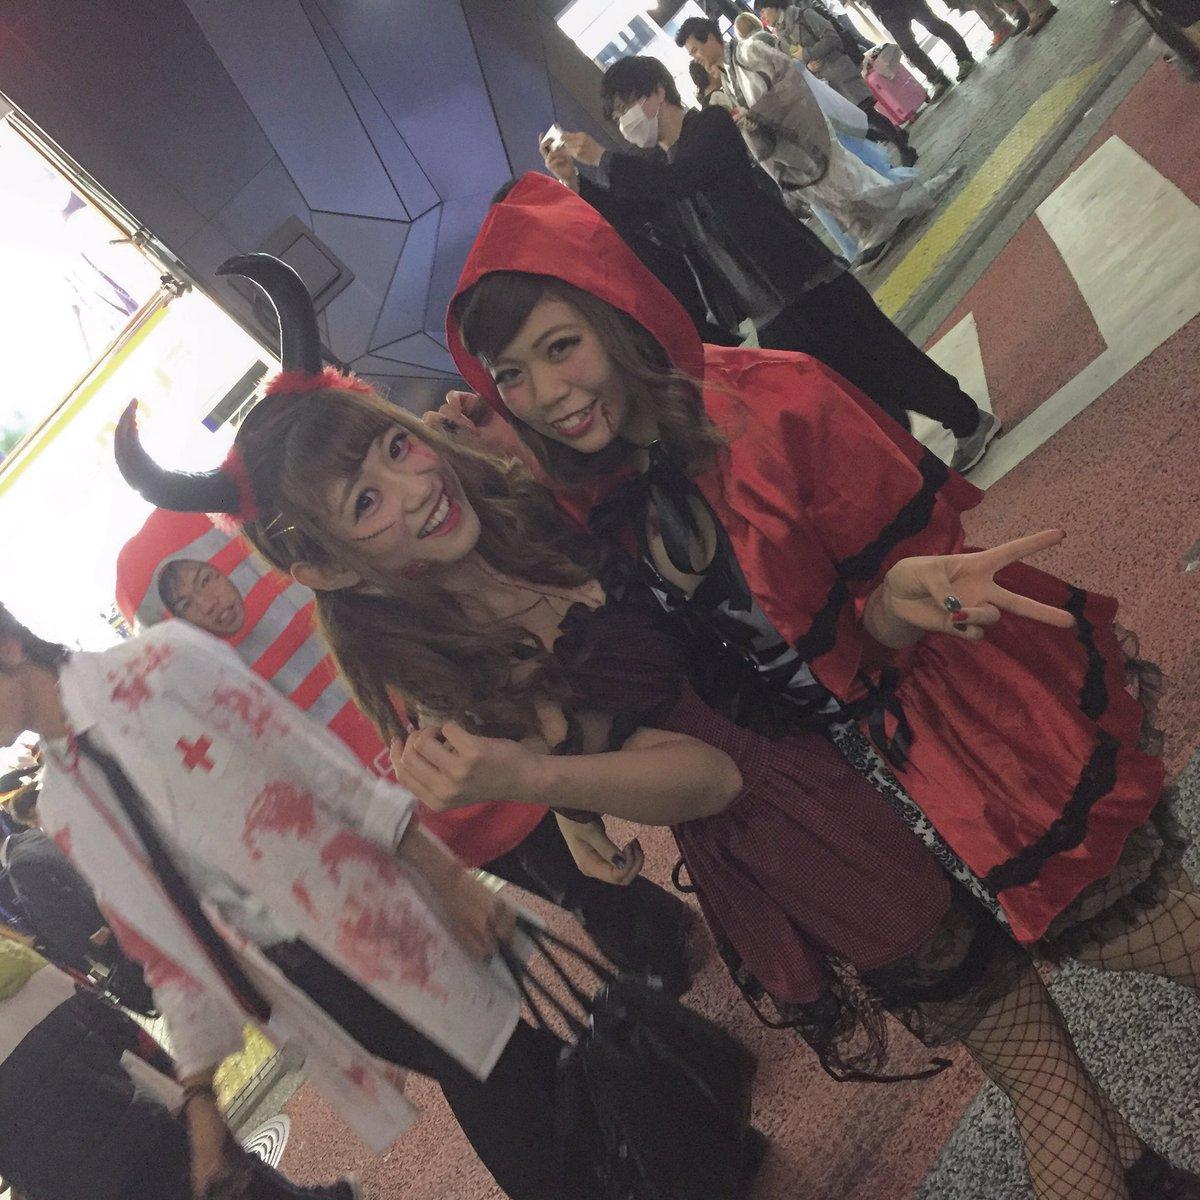 ハロウィン渋谷でオフパコするエロコスプレ少女エロ画像3枚目